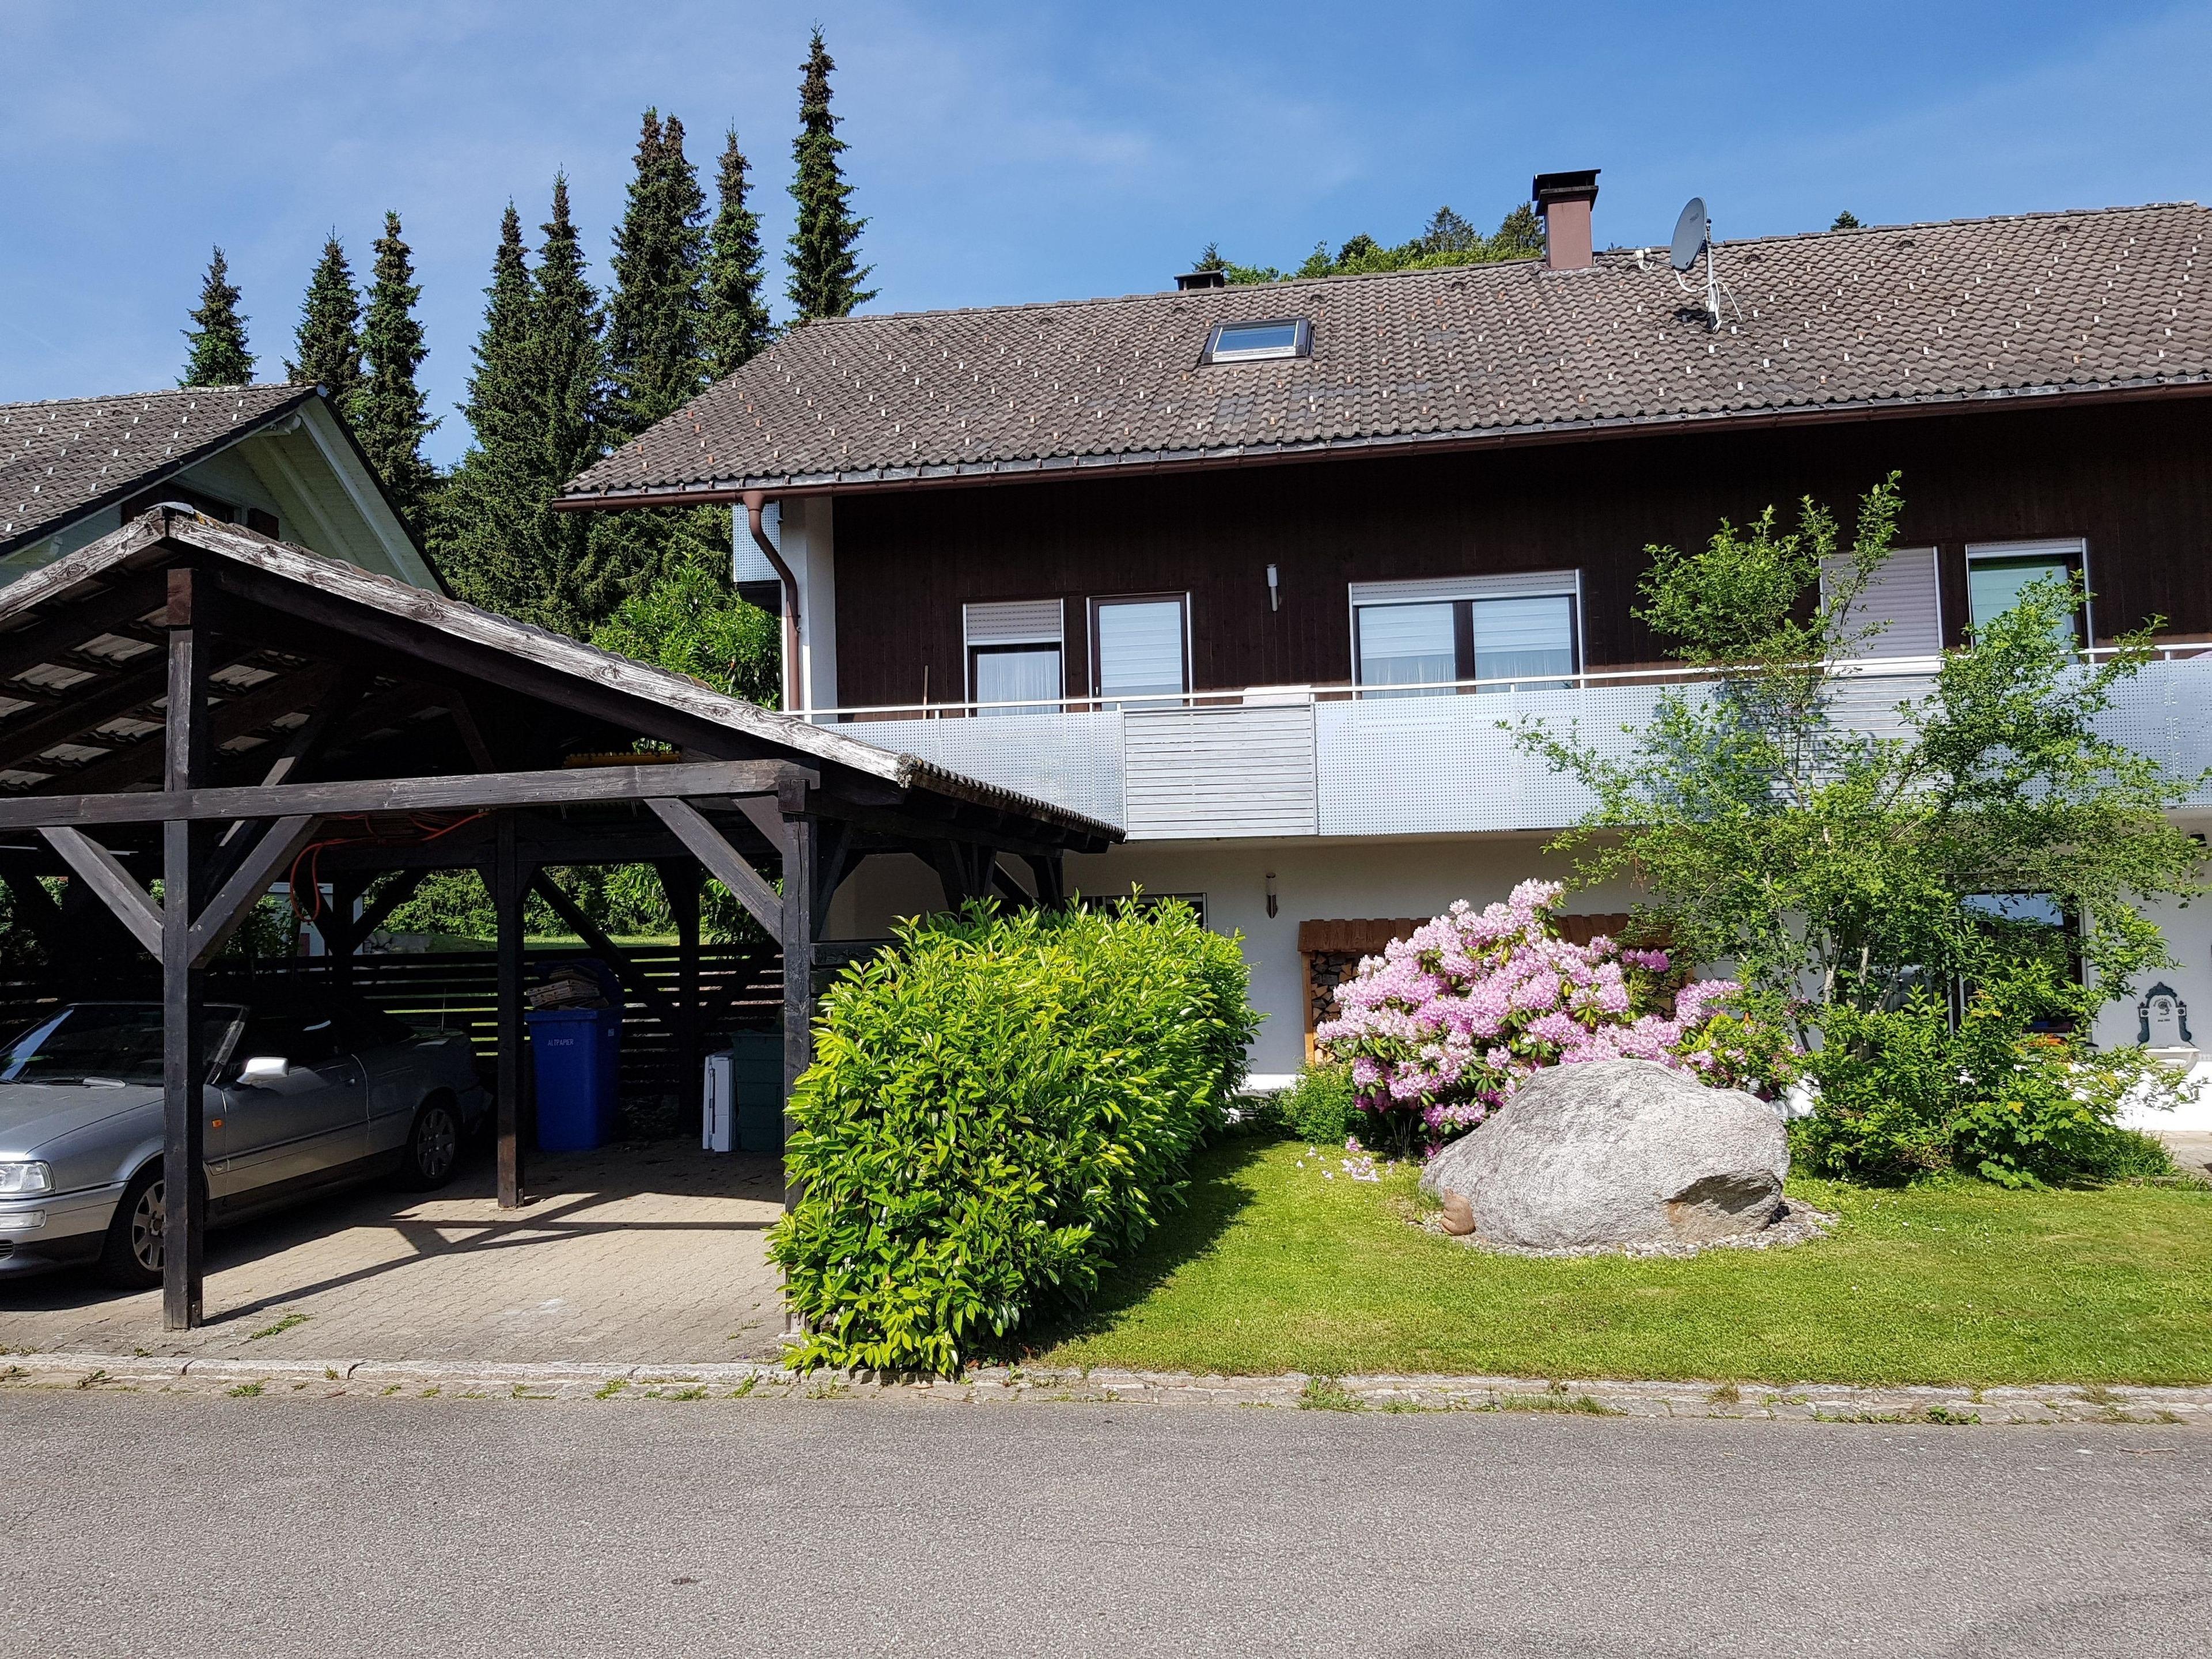 Ferienwohnung Jules Traum (2516857), Herrischried, Schwarzwald, Baden-Württemberg, Deutschland, Bild 1